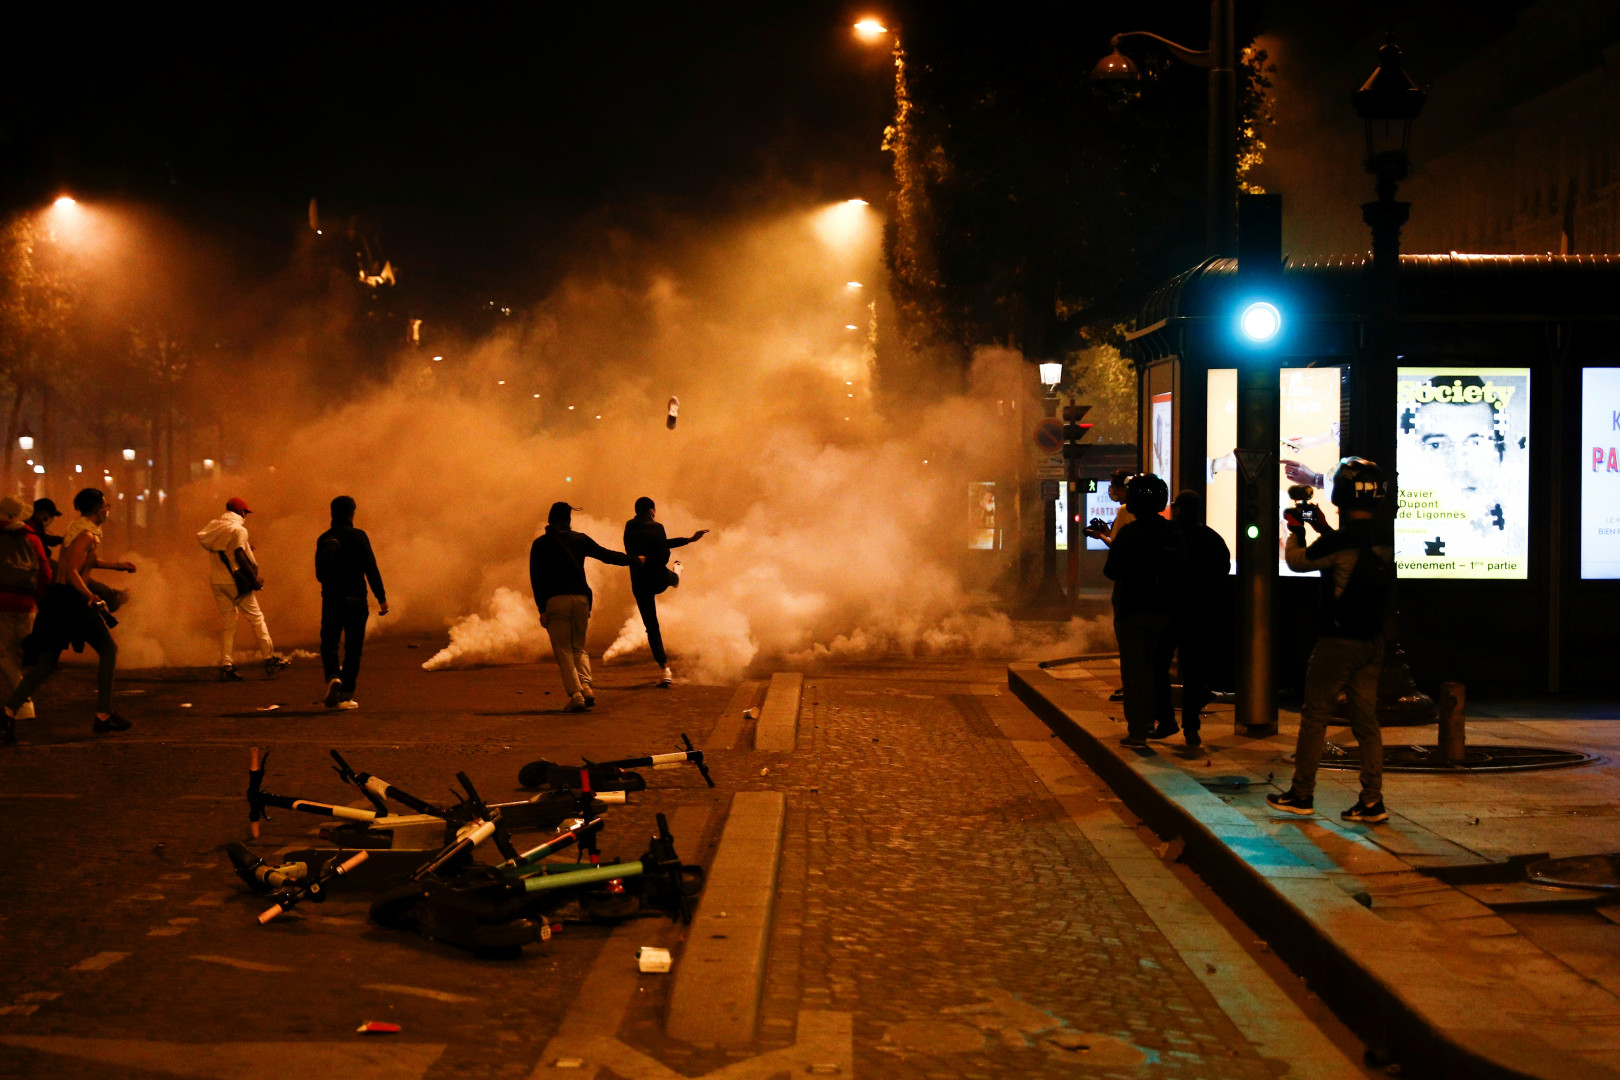 Des supporters shootent des bombes de gaz lacrymogène